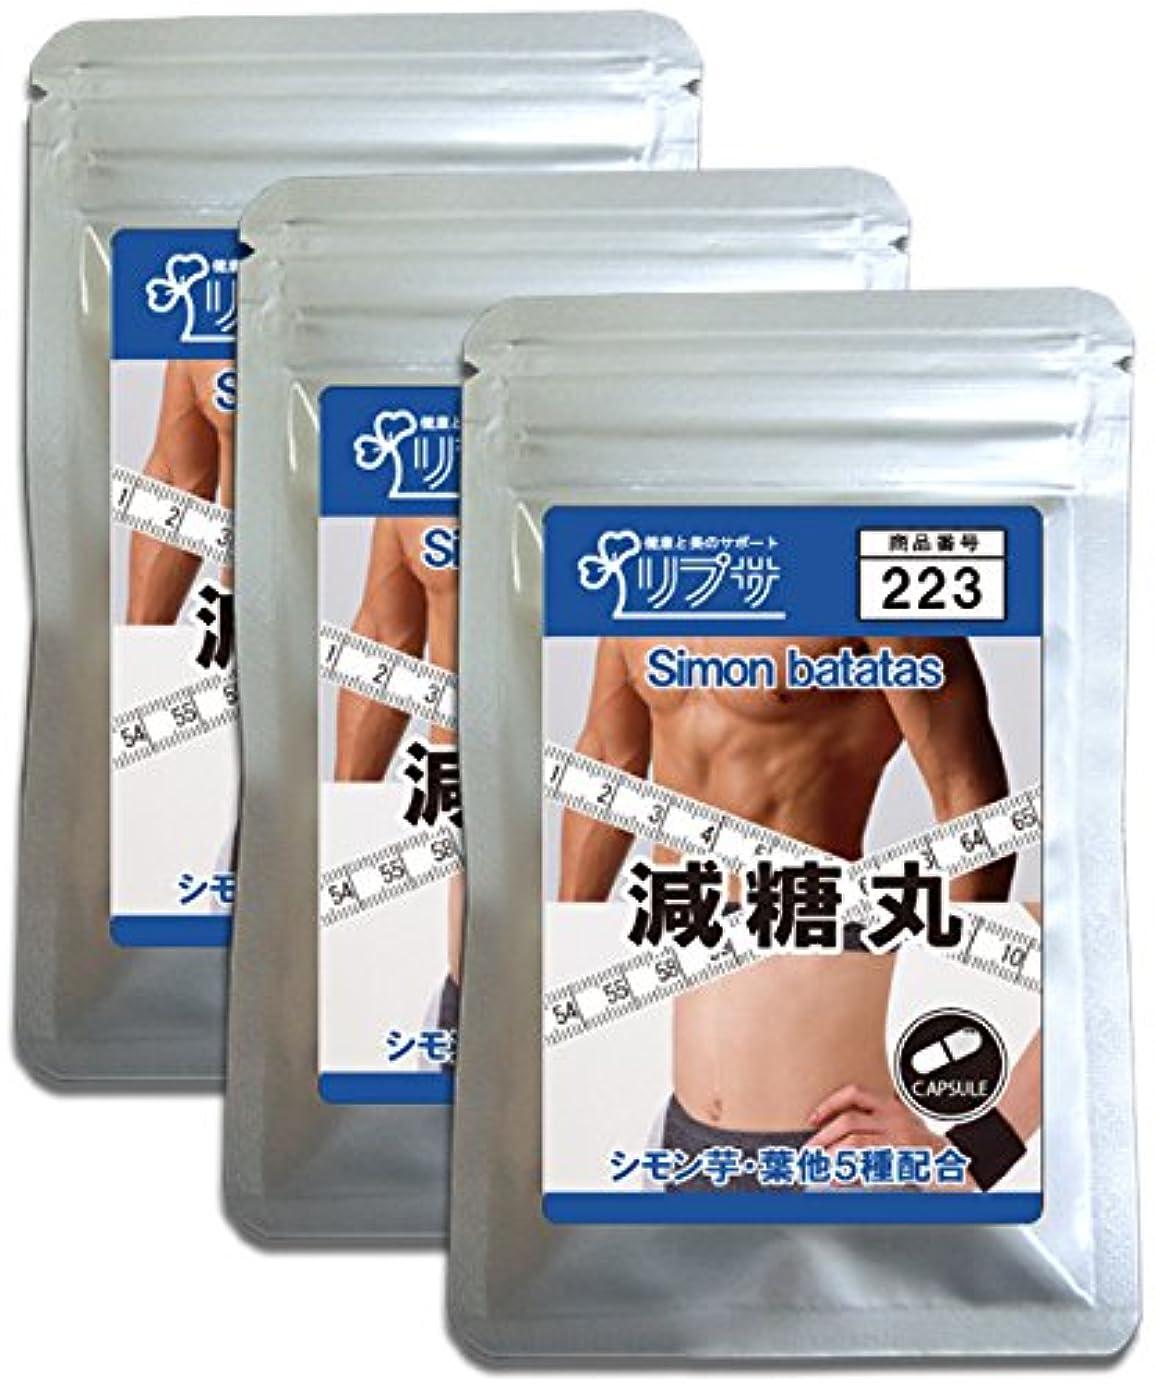 ライトニングビリー防腐剤減糖丸 約1か月分×3袋セット C-223-3